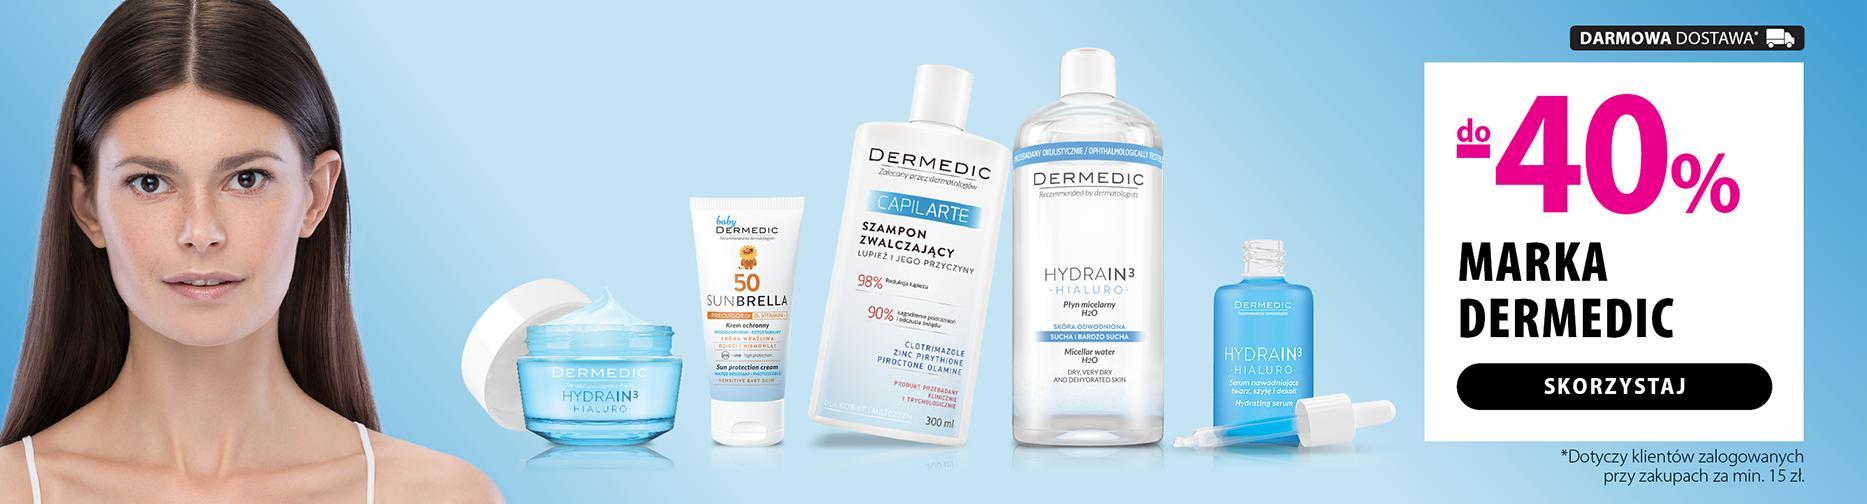 Hebe: do 40% zniżki na kosmetyki marki Dermedic